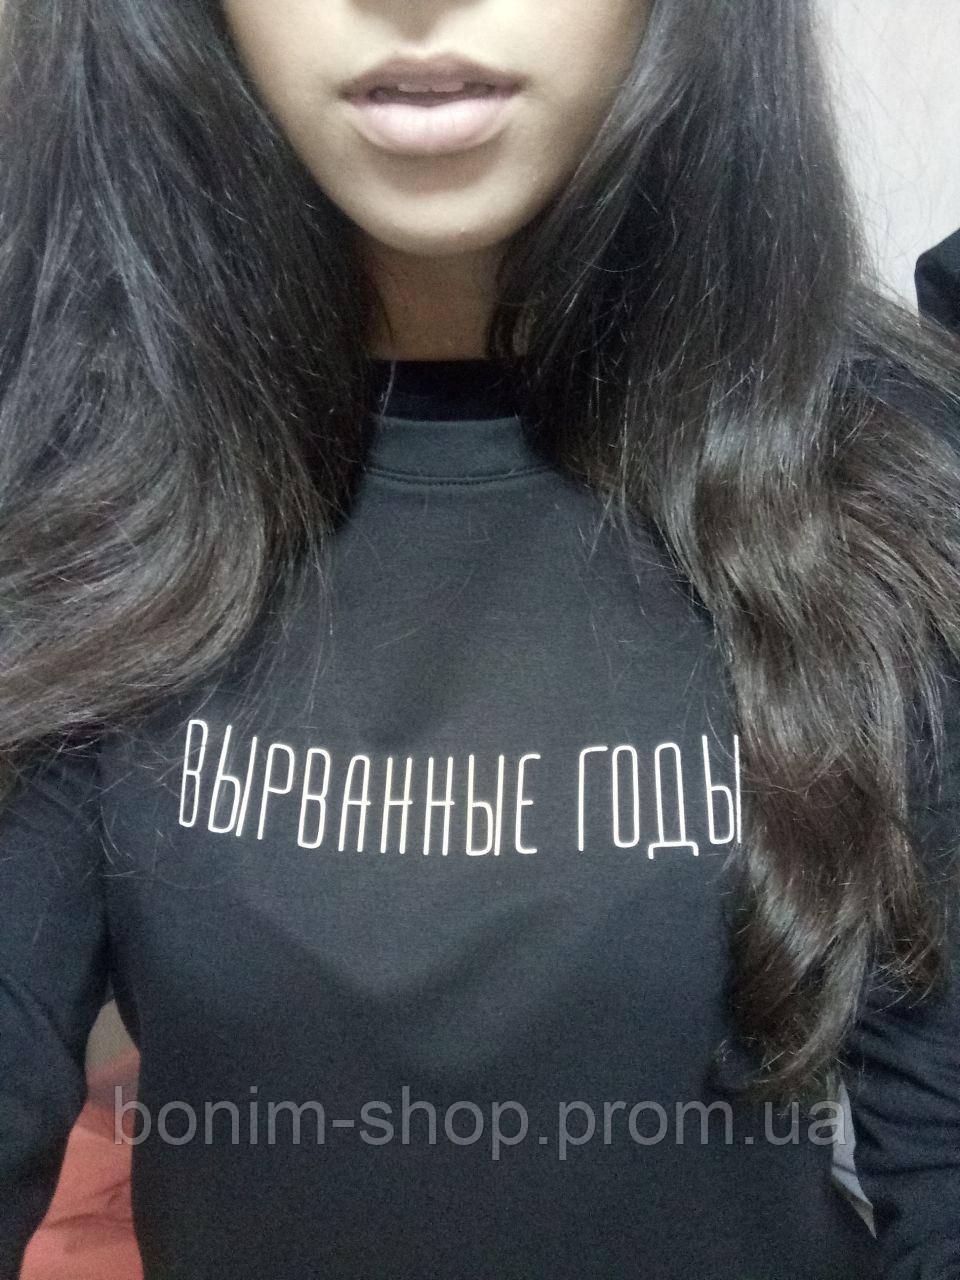 Женский черный свитшот с принтом Вырванные годы